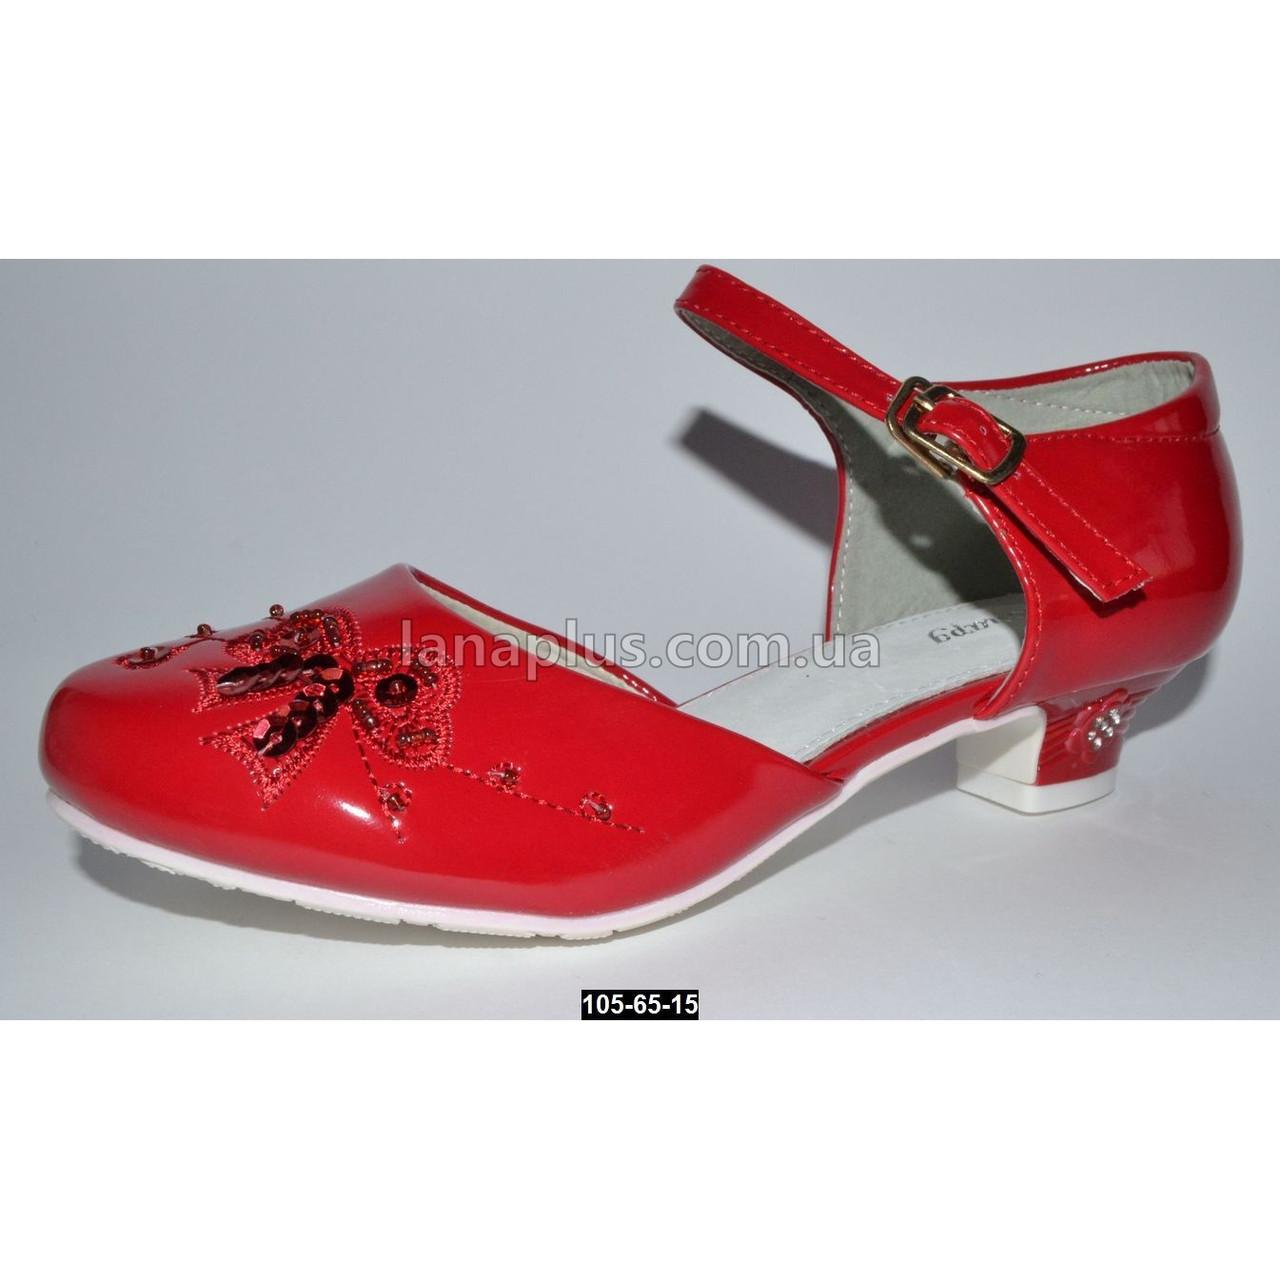 Нарядные туфли для девочки 33-37 размер, праздничные туфельки на утренник, выпускной, 105-65-15